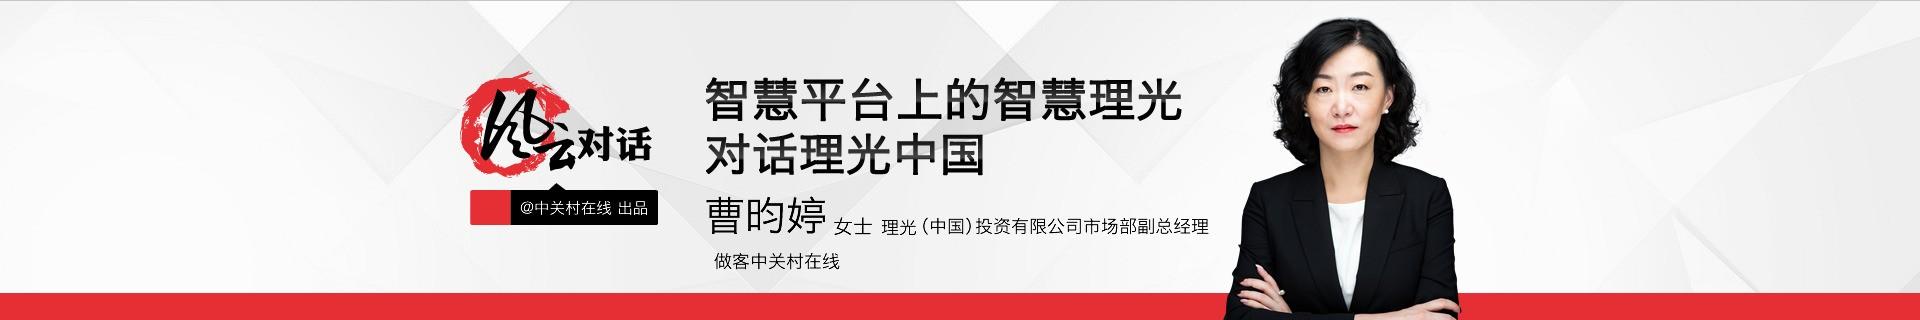 对话理光中国£º智慧平台上的智慧理光